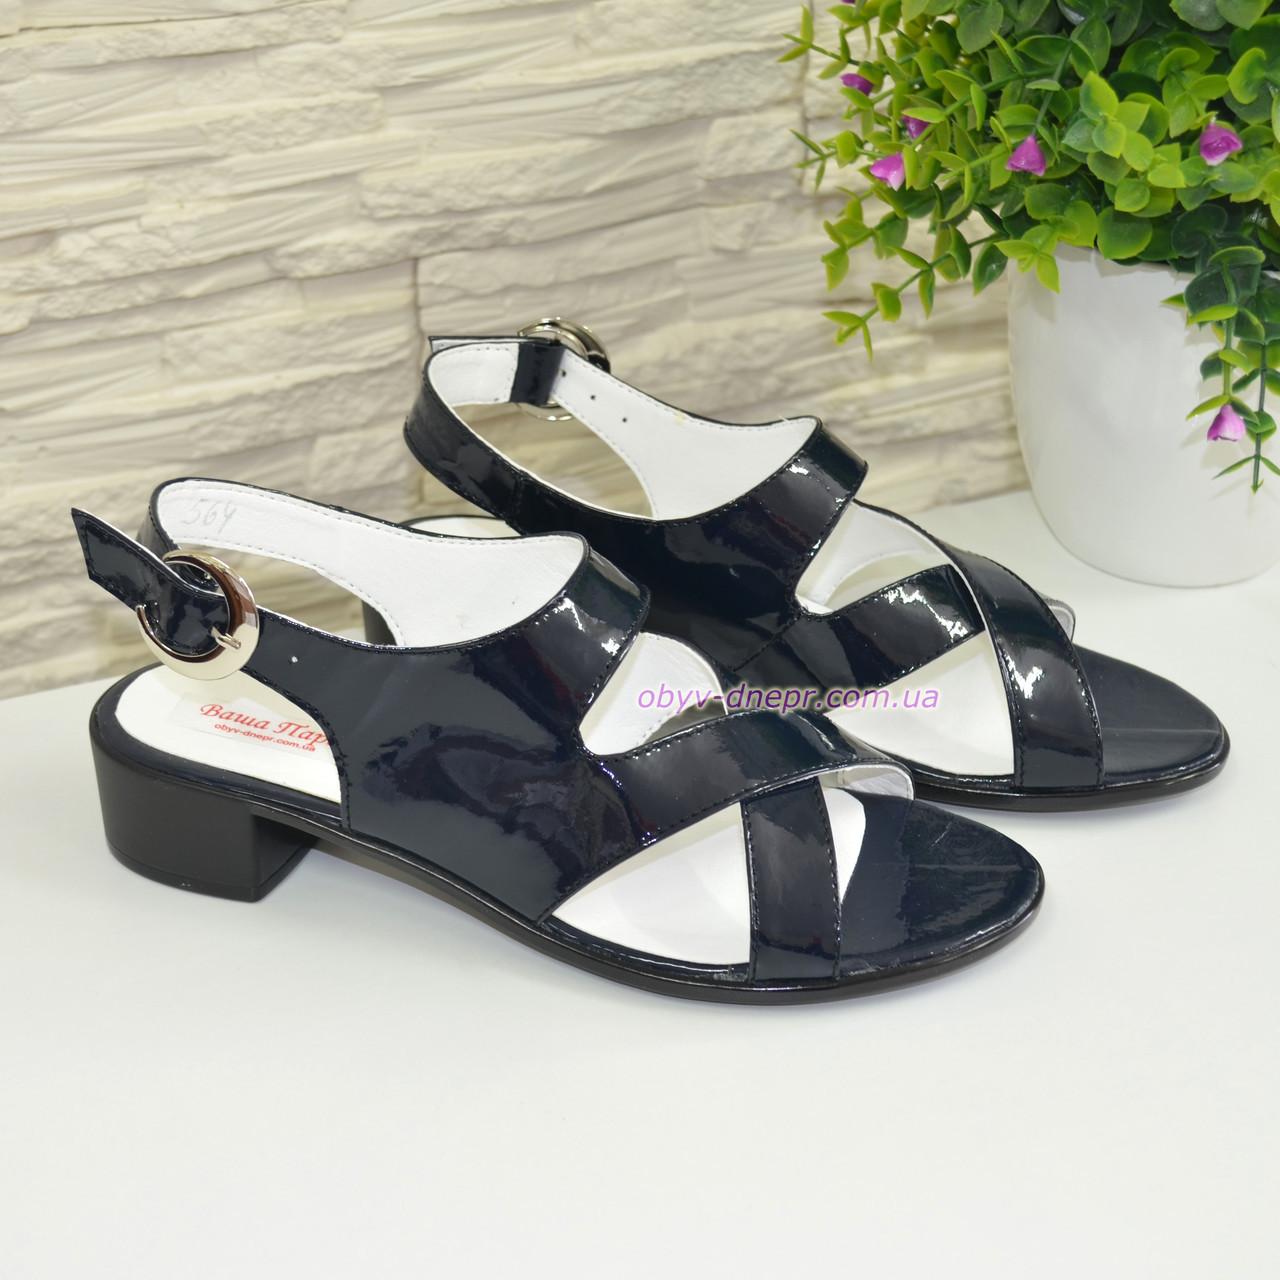 Женские лаковые босоножки на невысоком каблуке